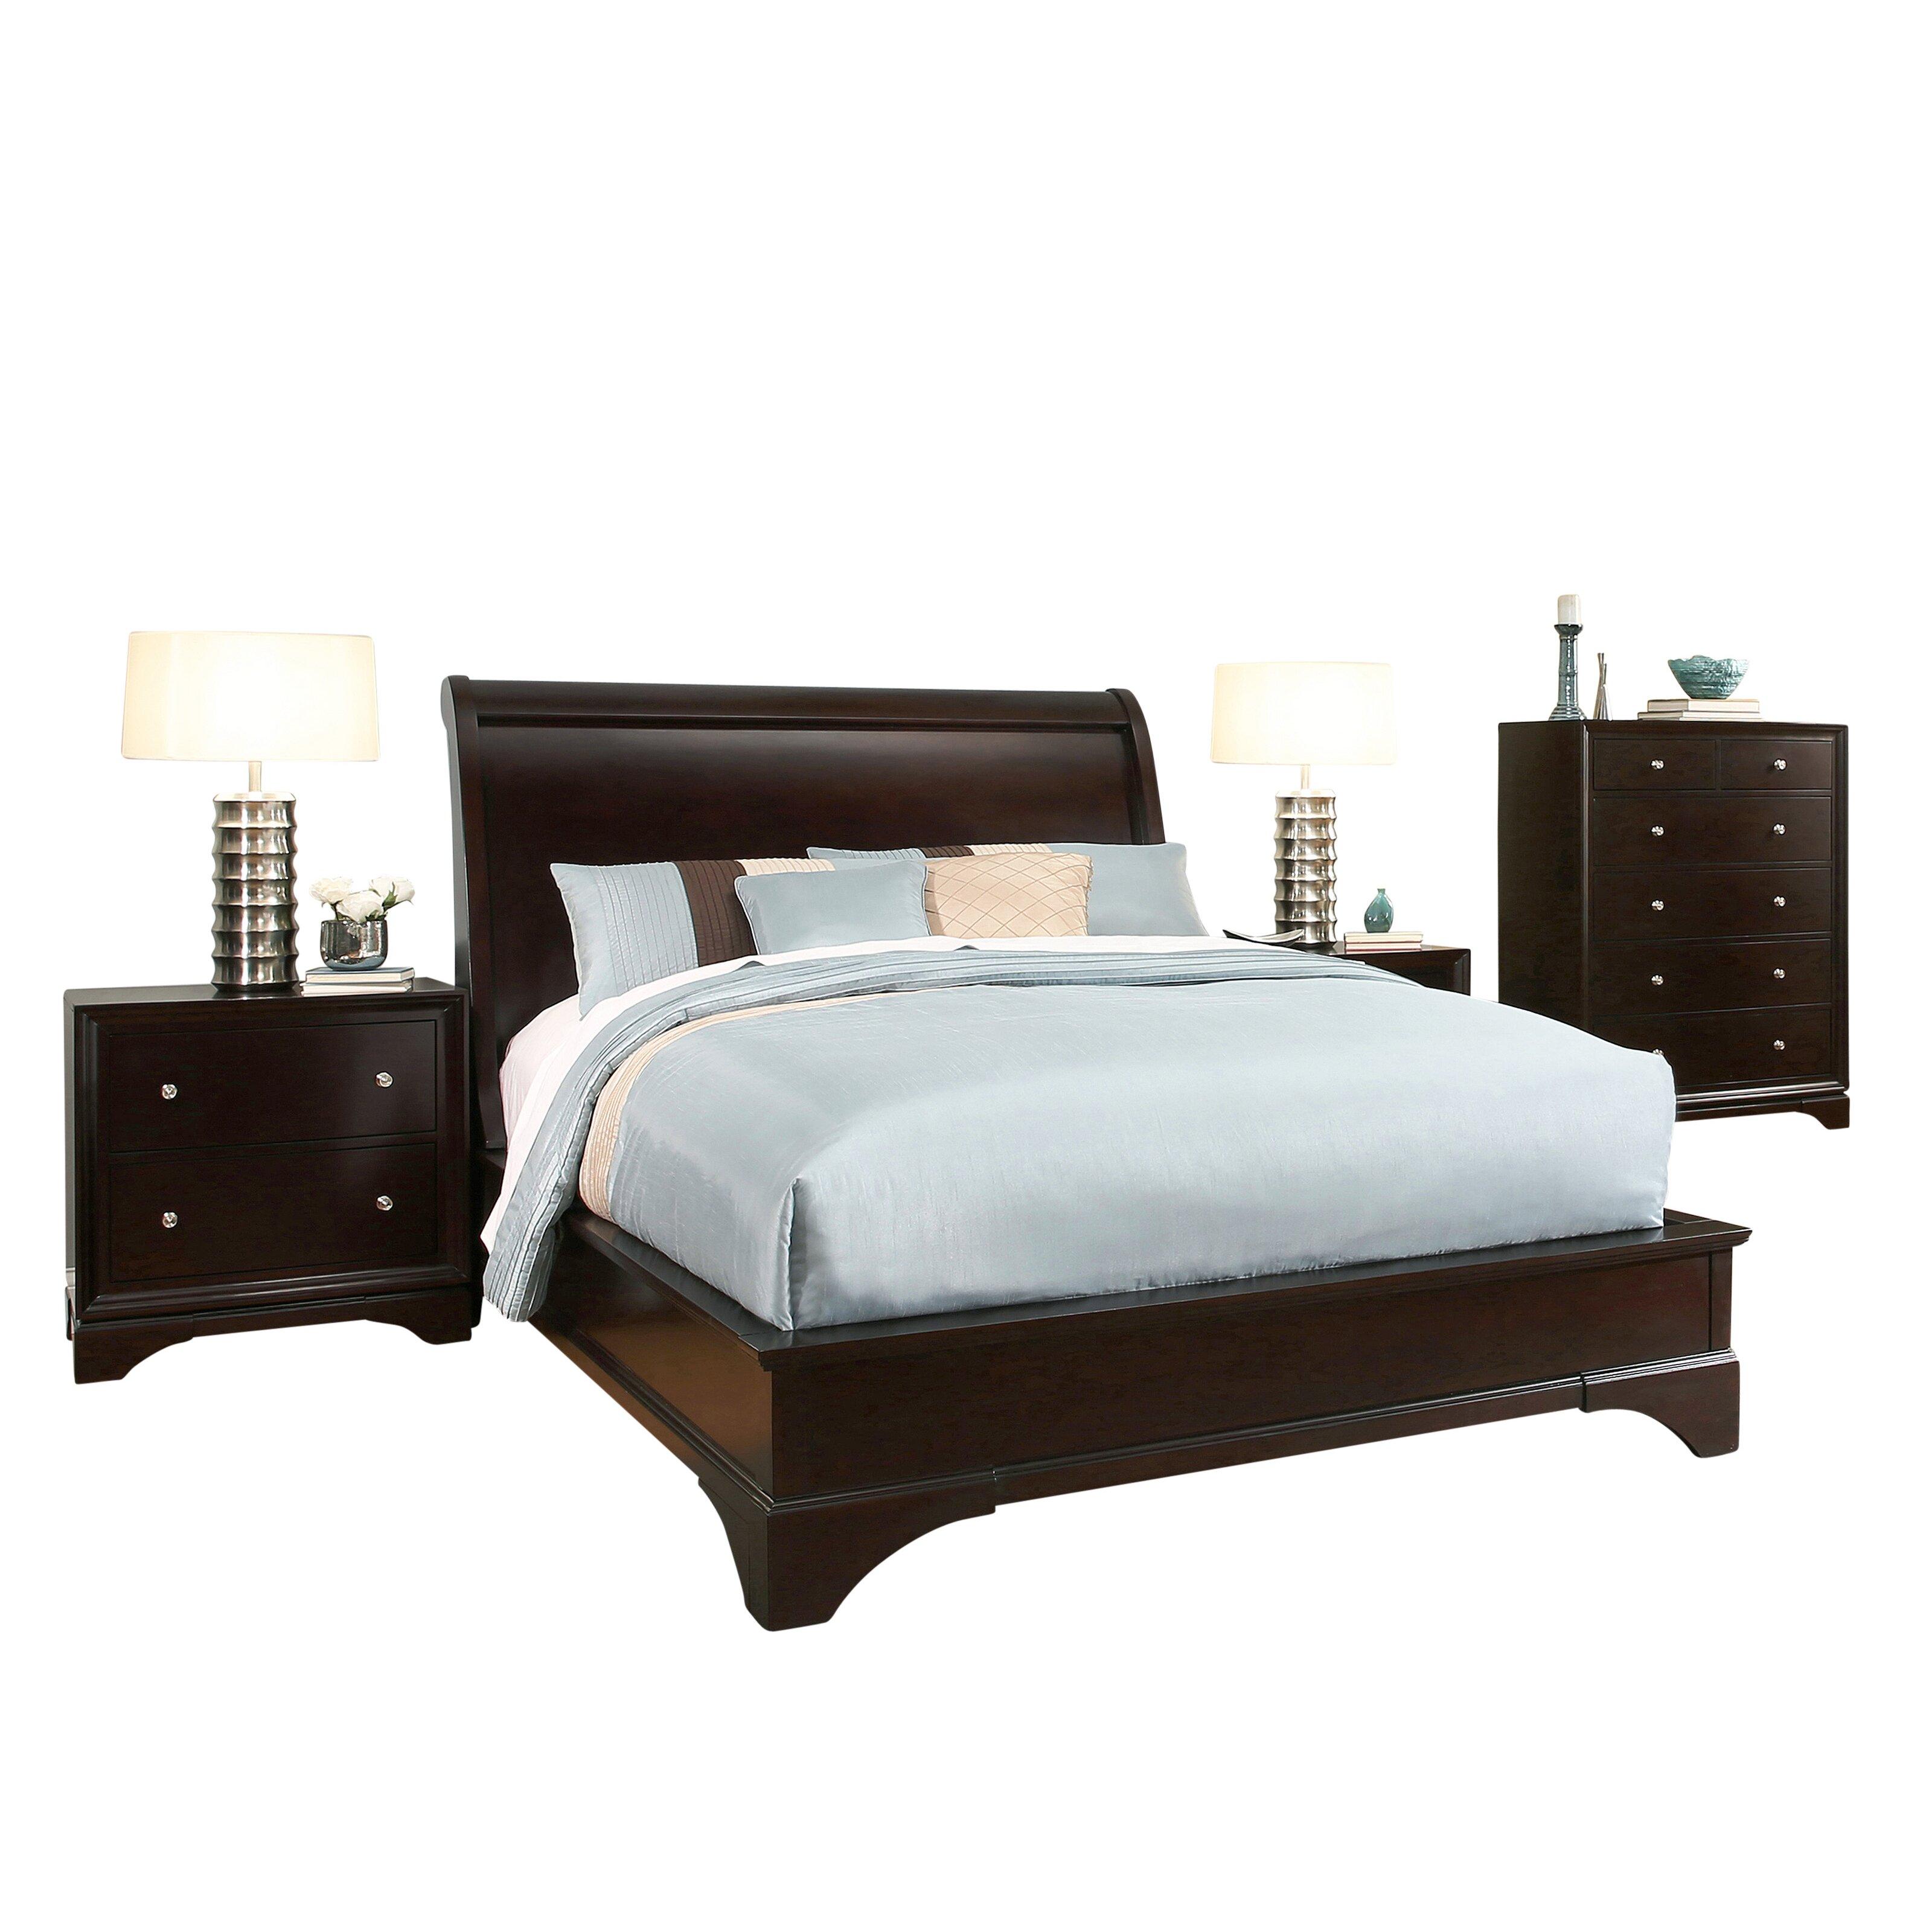 Latitude run juliana sleigh 4 piece bedroom set wayfair for 4 piece bedroom furniture set